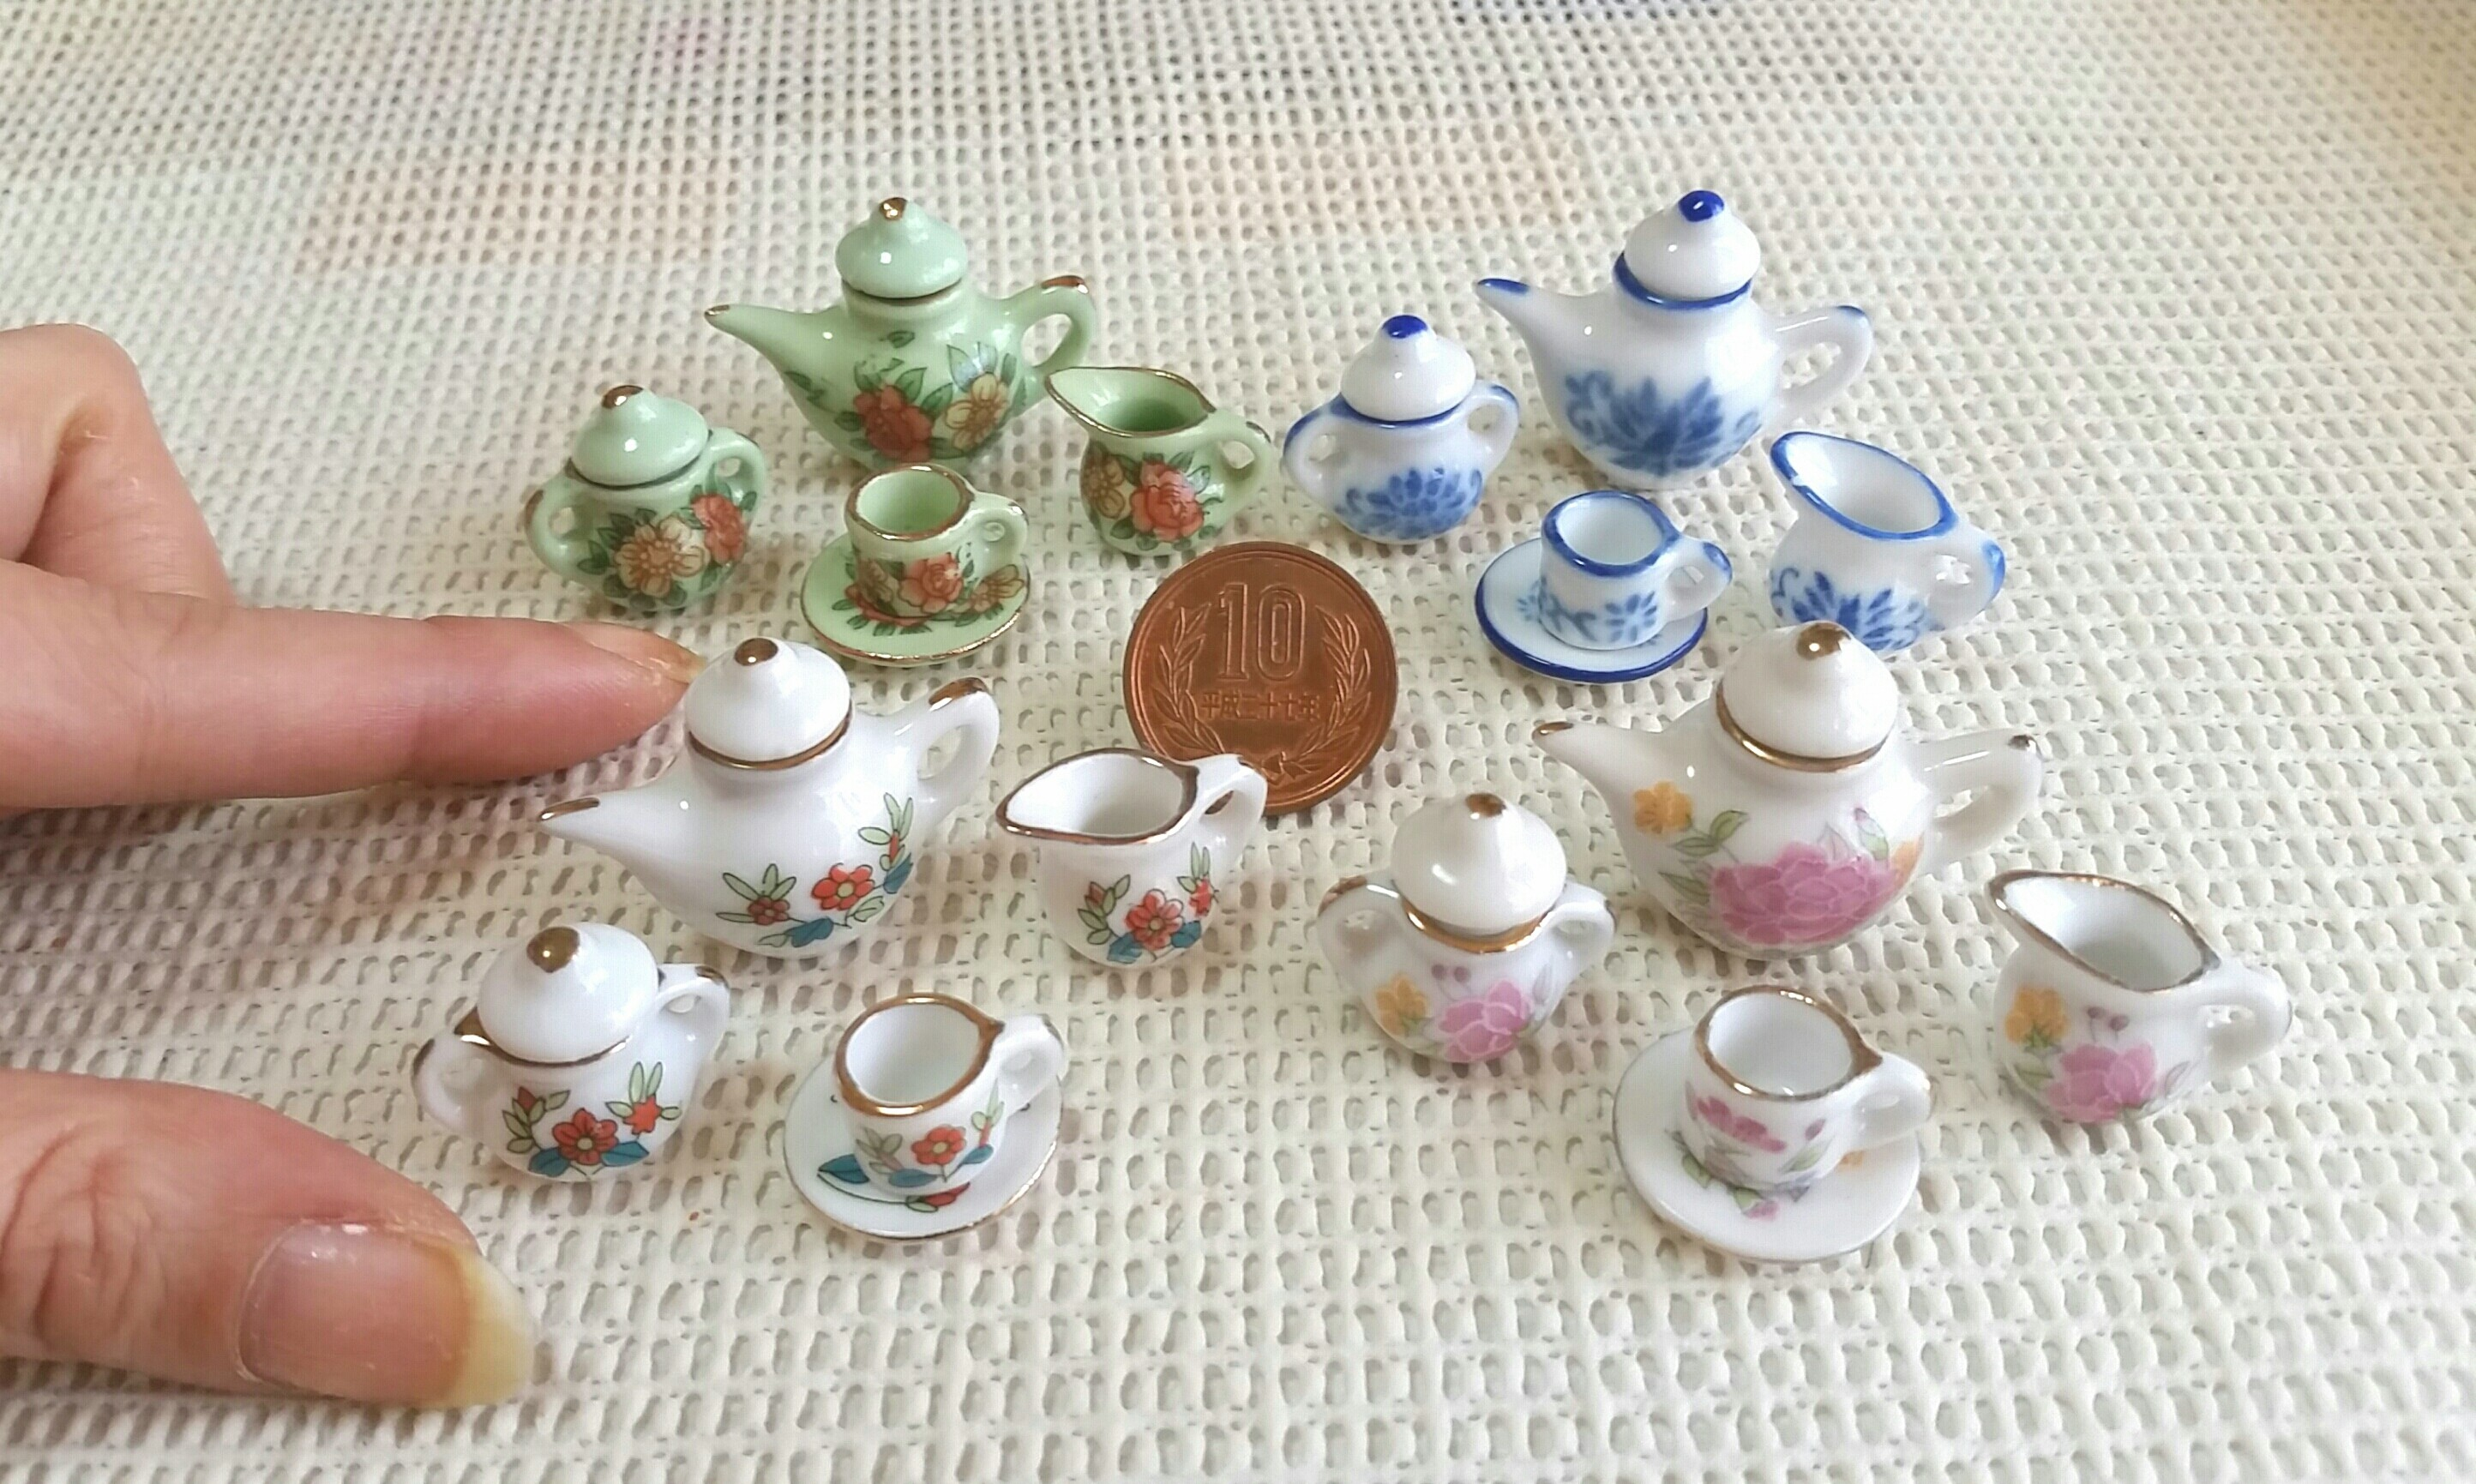 おしゃれかわいい陶器のティーカップセット,おすすめミニチュア小物